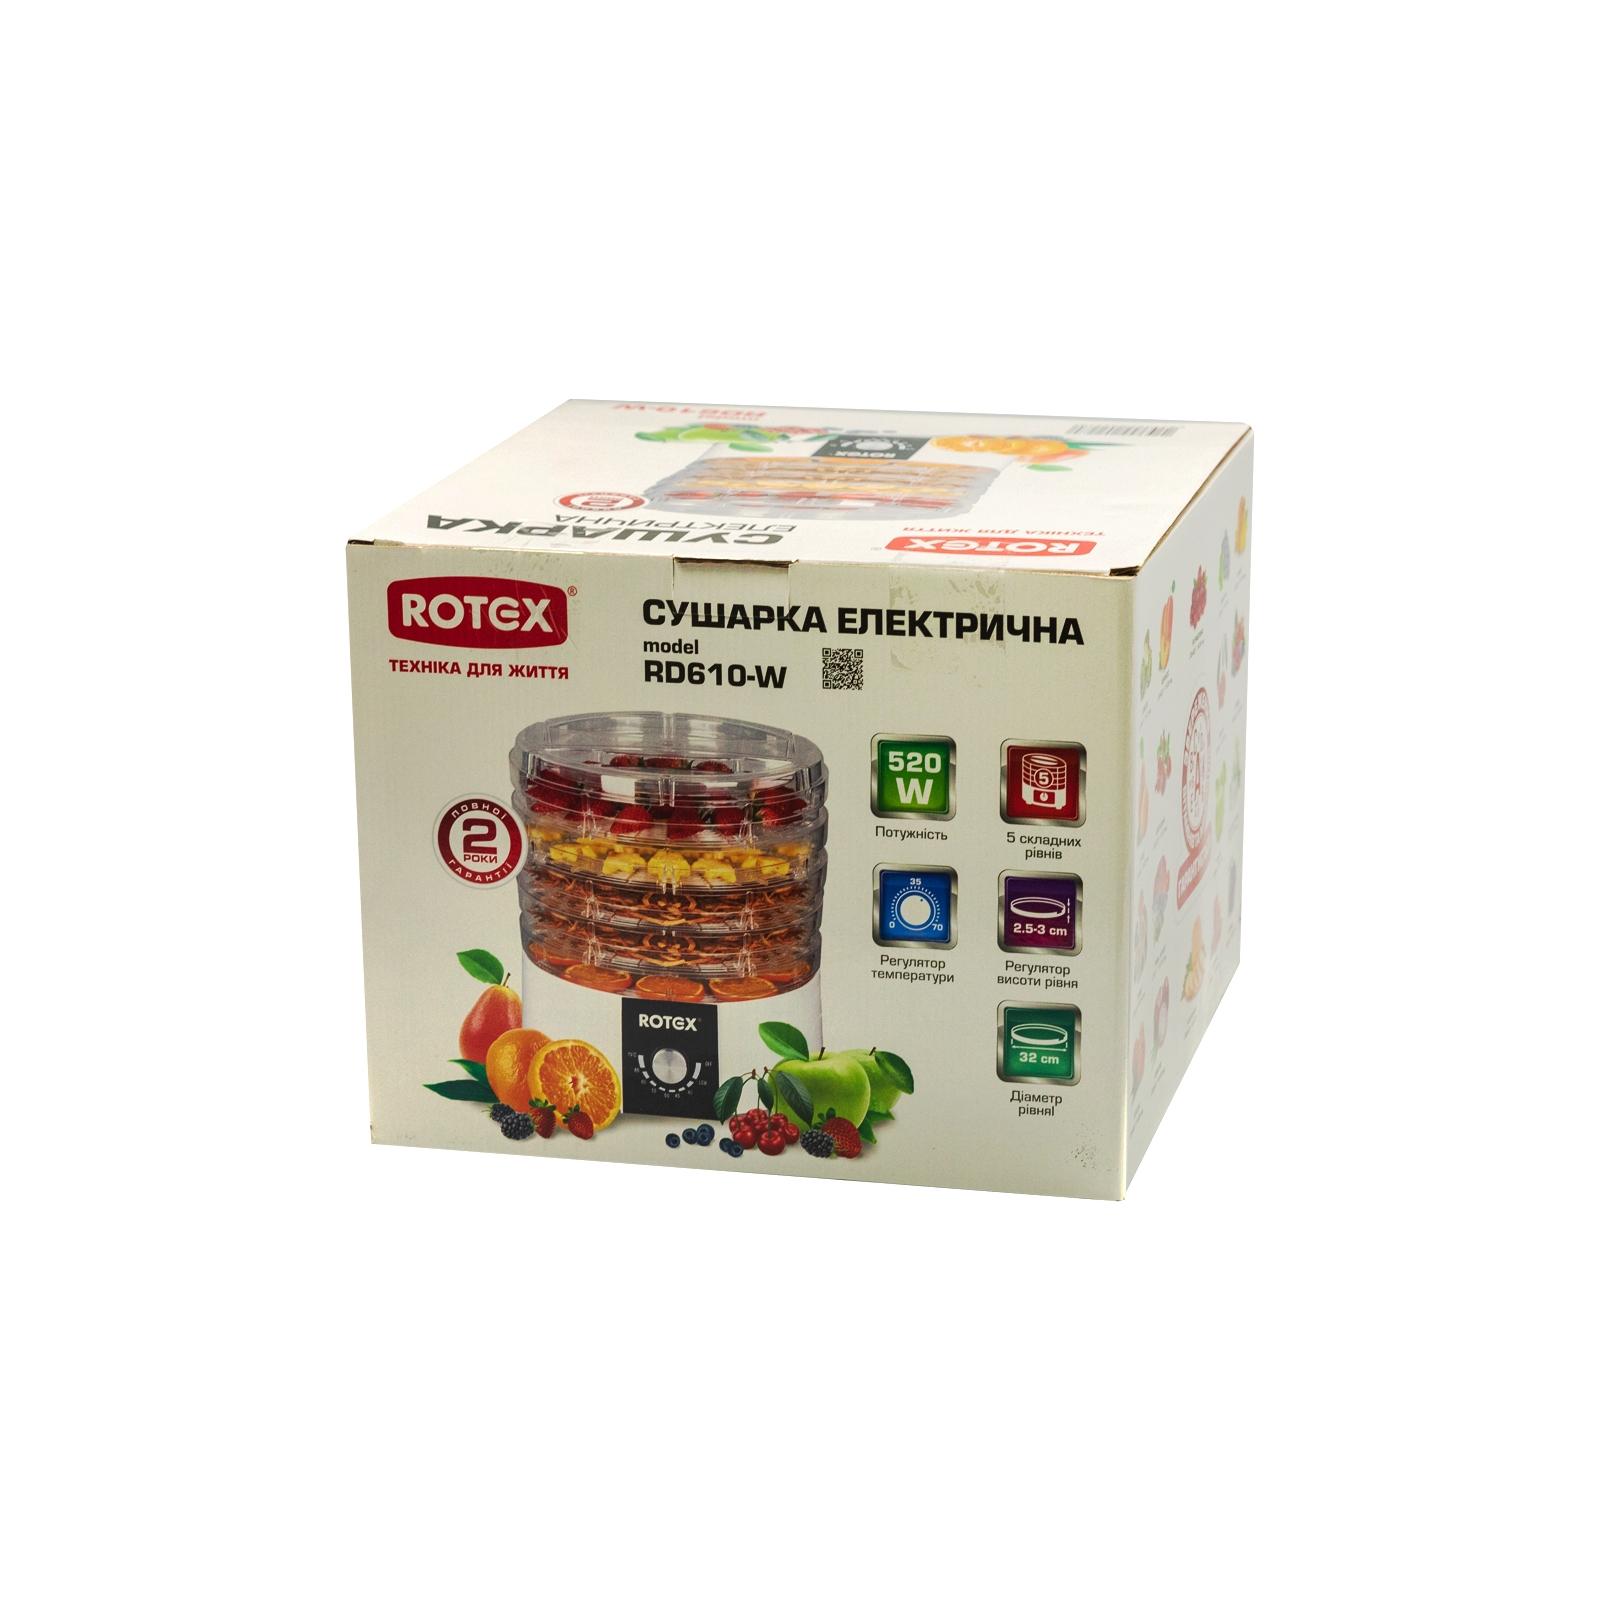 Сушка для овощей и фруктов Rotex RD610-W изображение 4